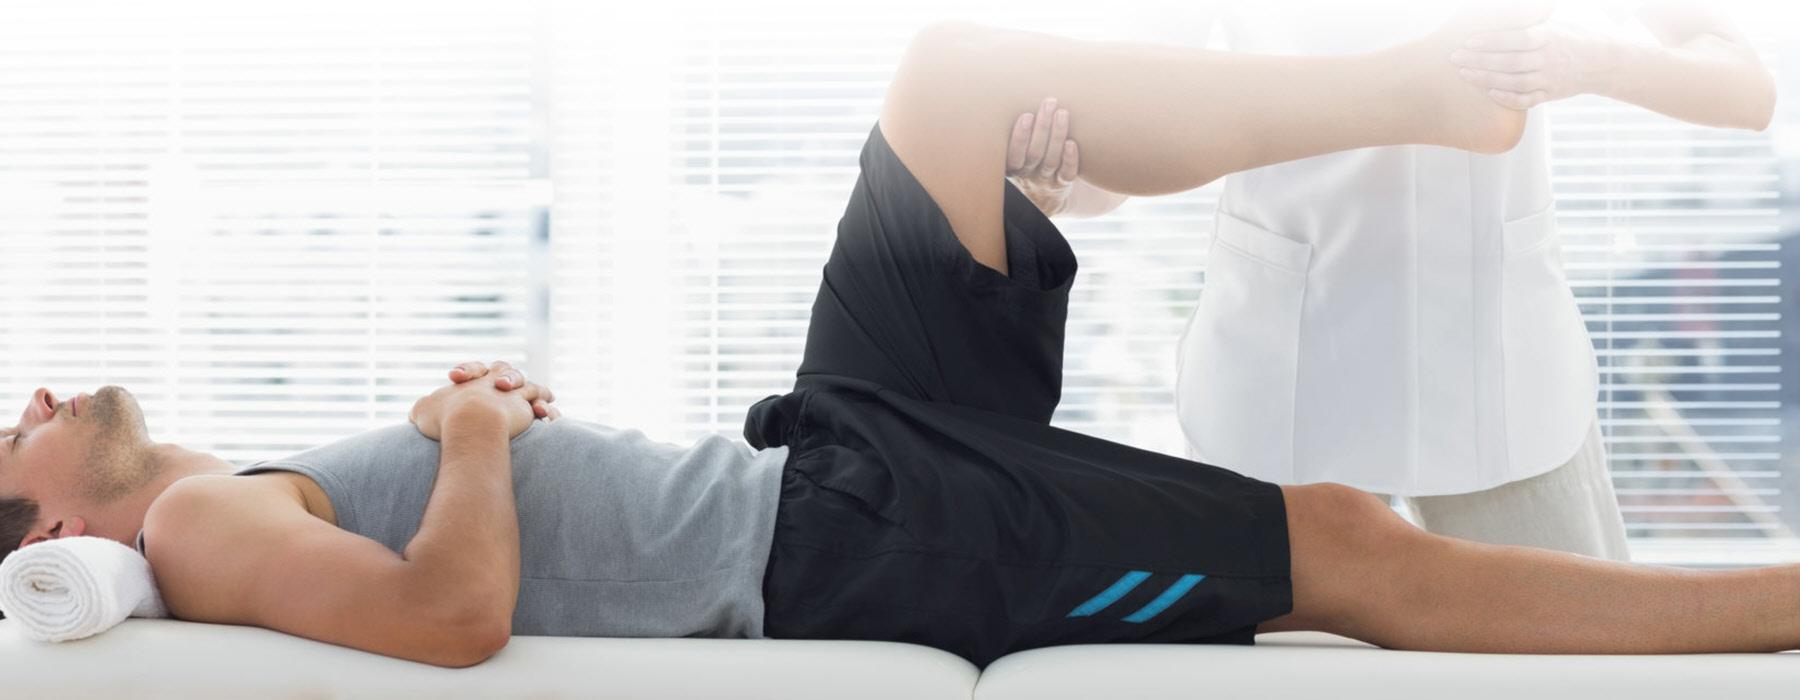 massage therapy preston